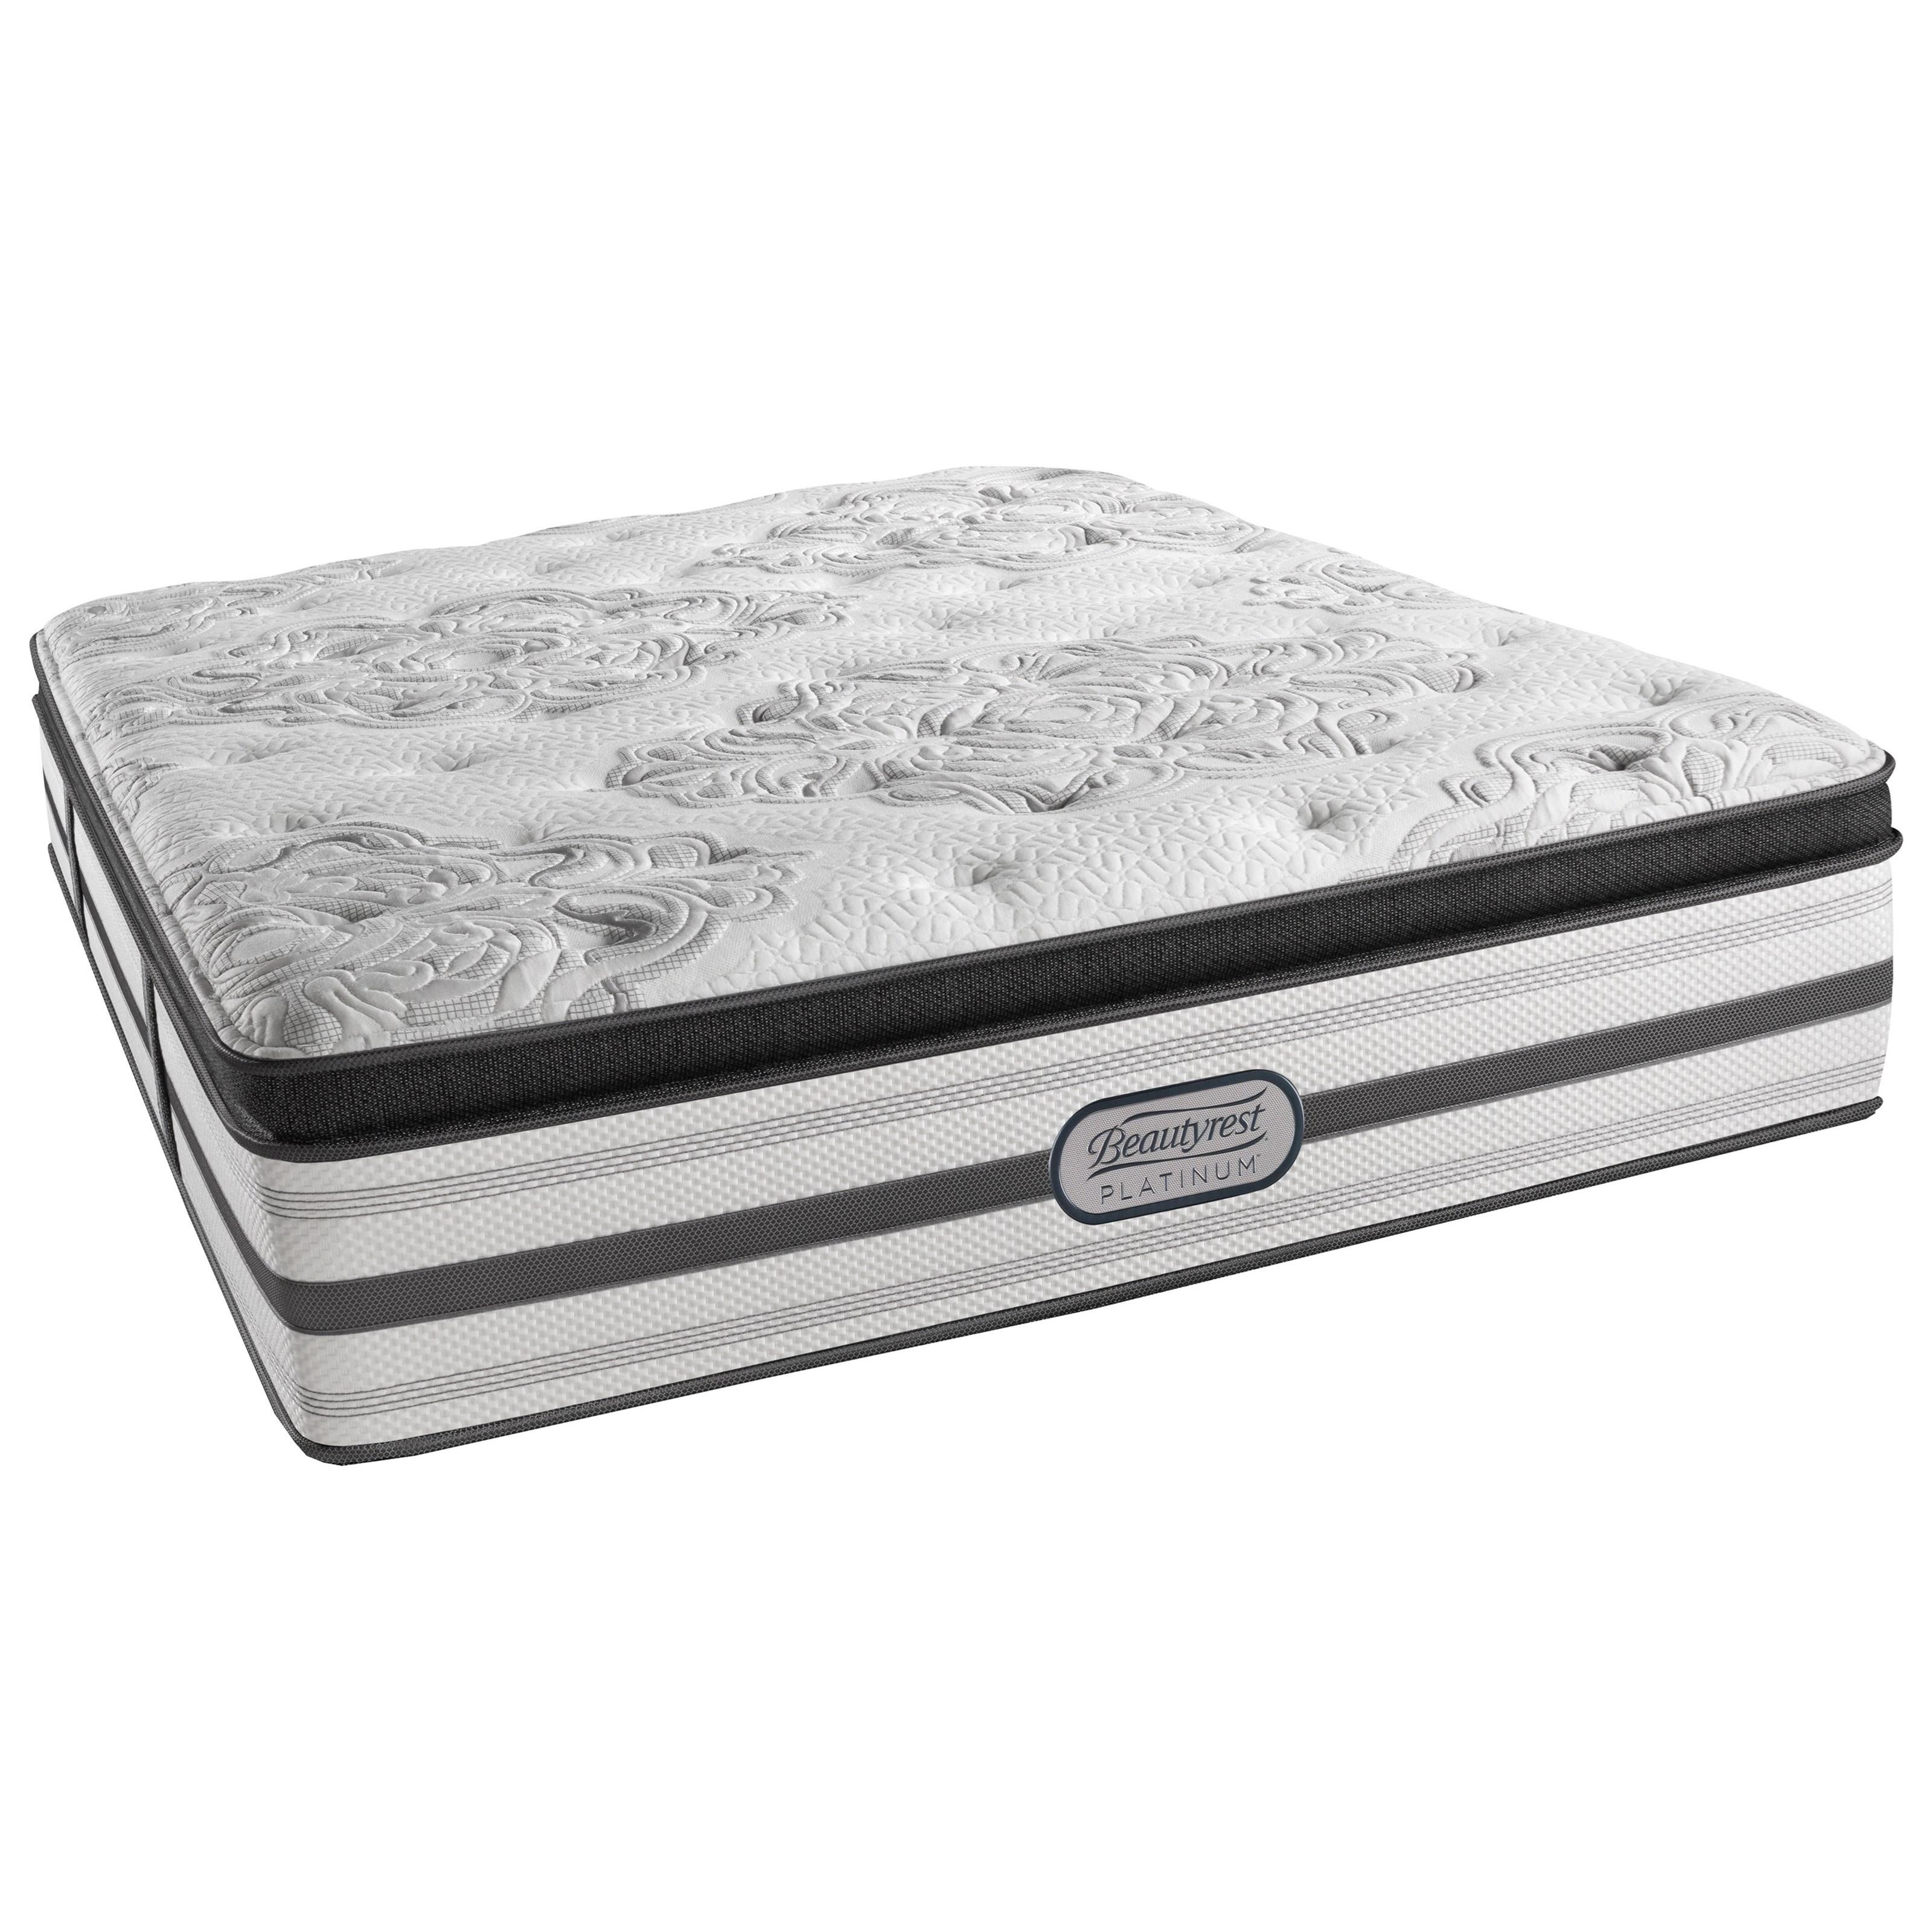 """Beautyrest Platinum Gabriella Cal King Luxury Firm PT 15"""" Mattress - Item Number: LV3LFPT-CK"""